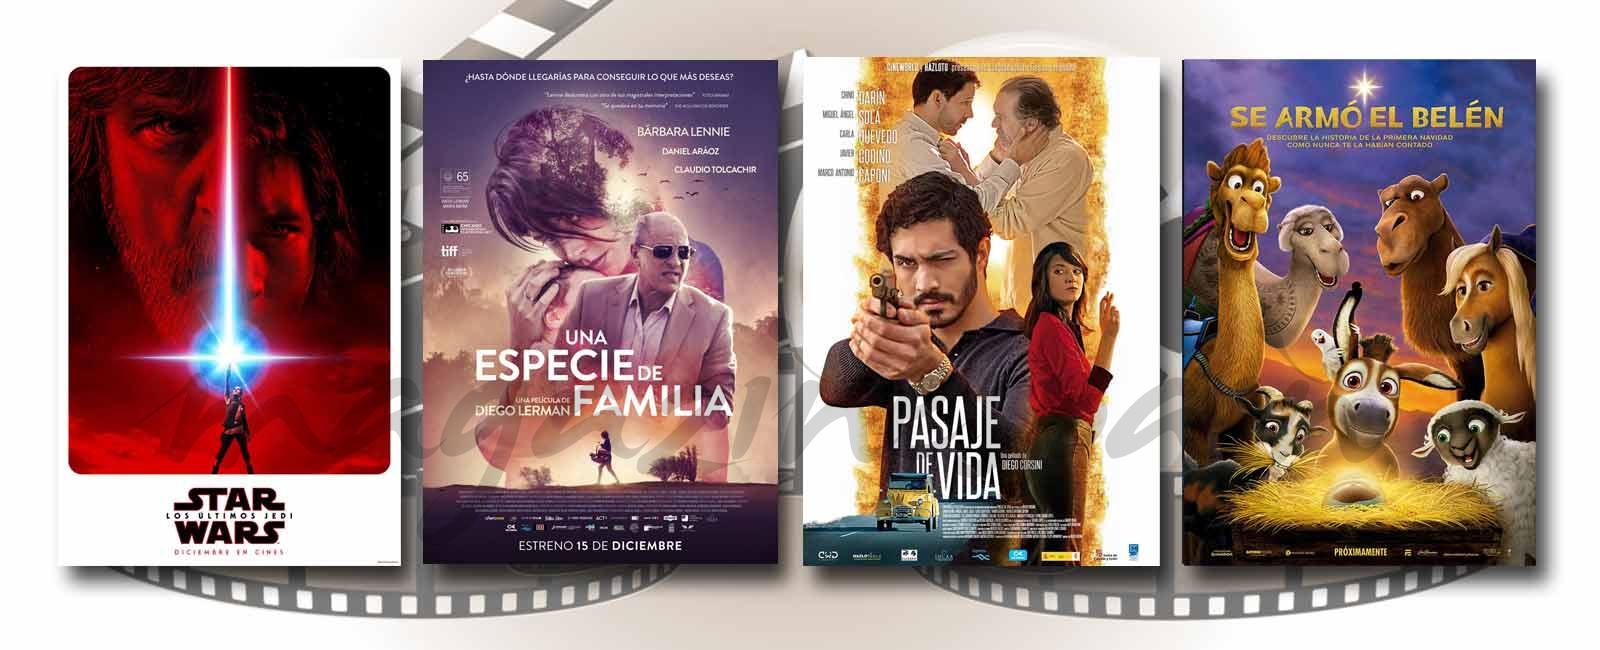 estrenos cine 15 diciembre